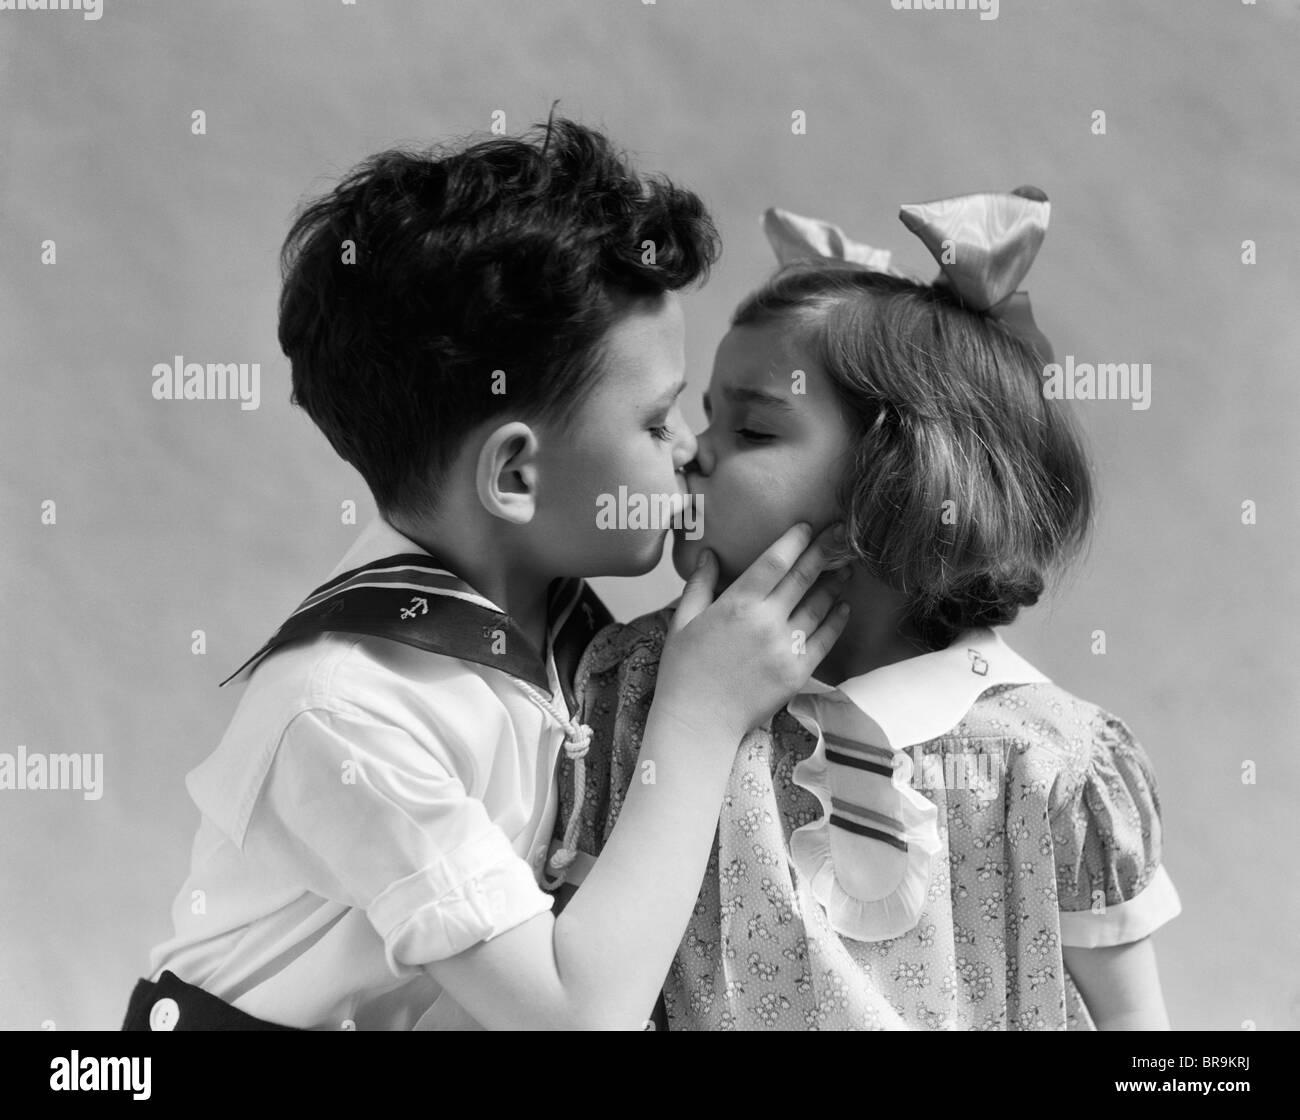 Schwarzes weißes Mädchen küssend